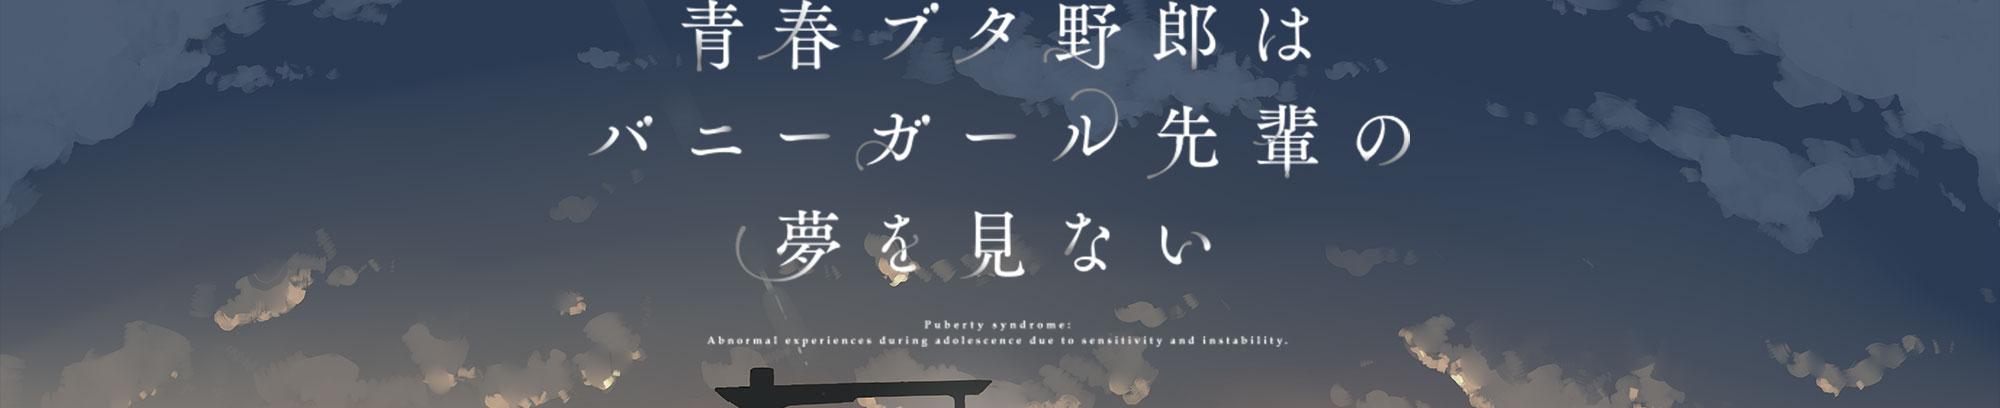 壁紙 アイコンプレゼント Tvアニメ 青春ブタ野郎はバニーガール先輩